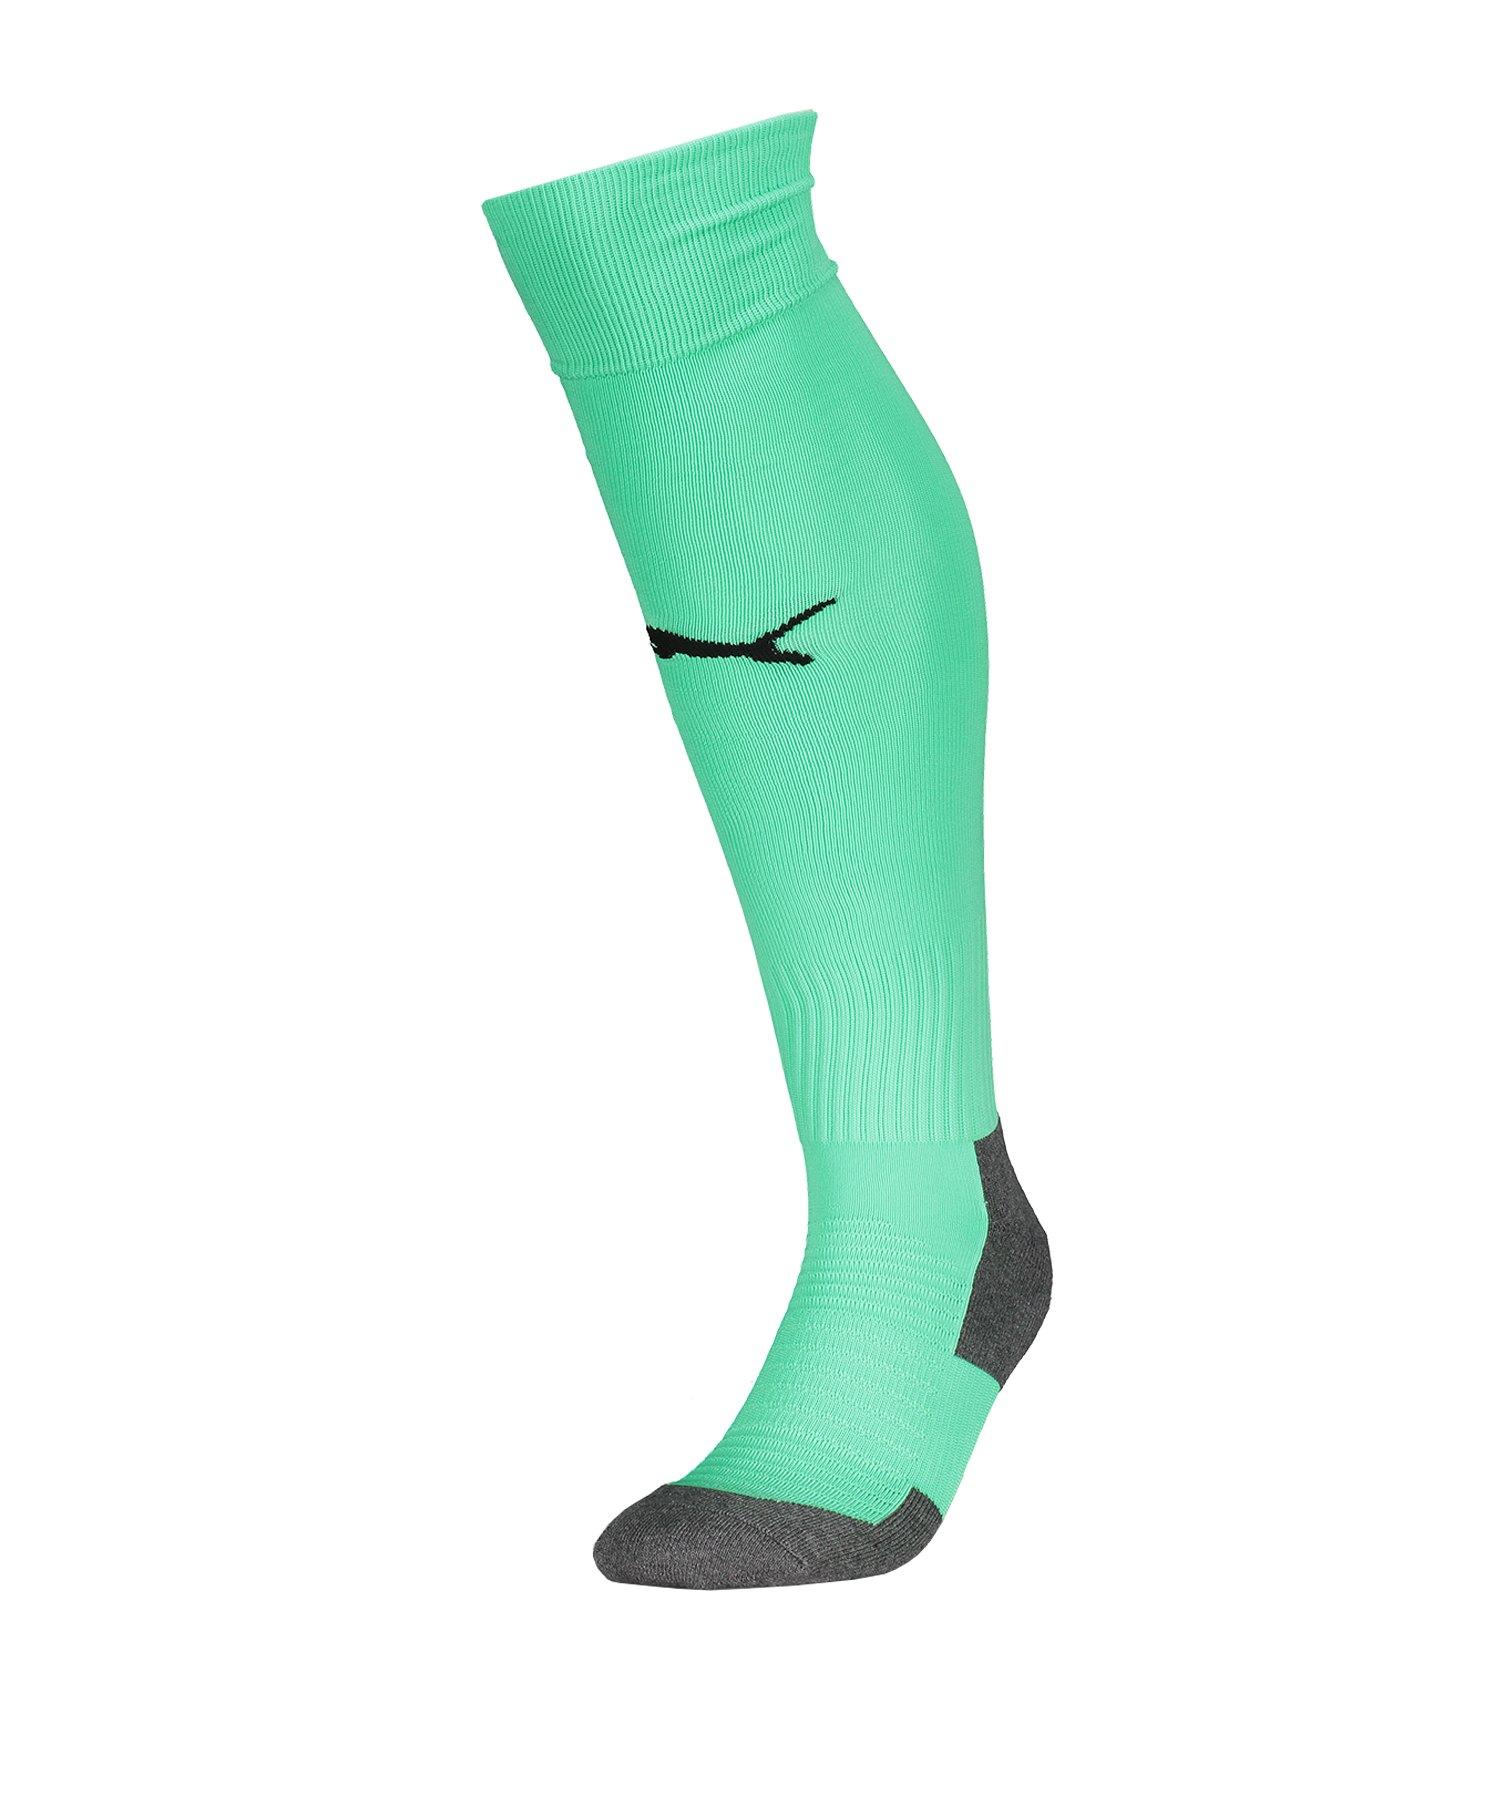 PUMA LIGA Socks Core Stutzenstrumpf Grün F28 - Gruen